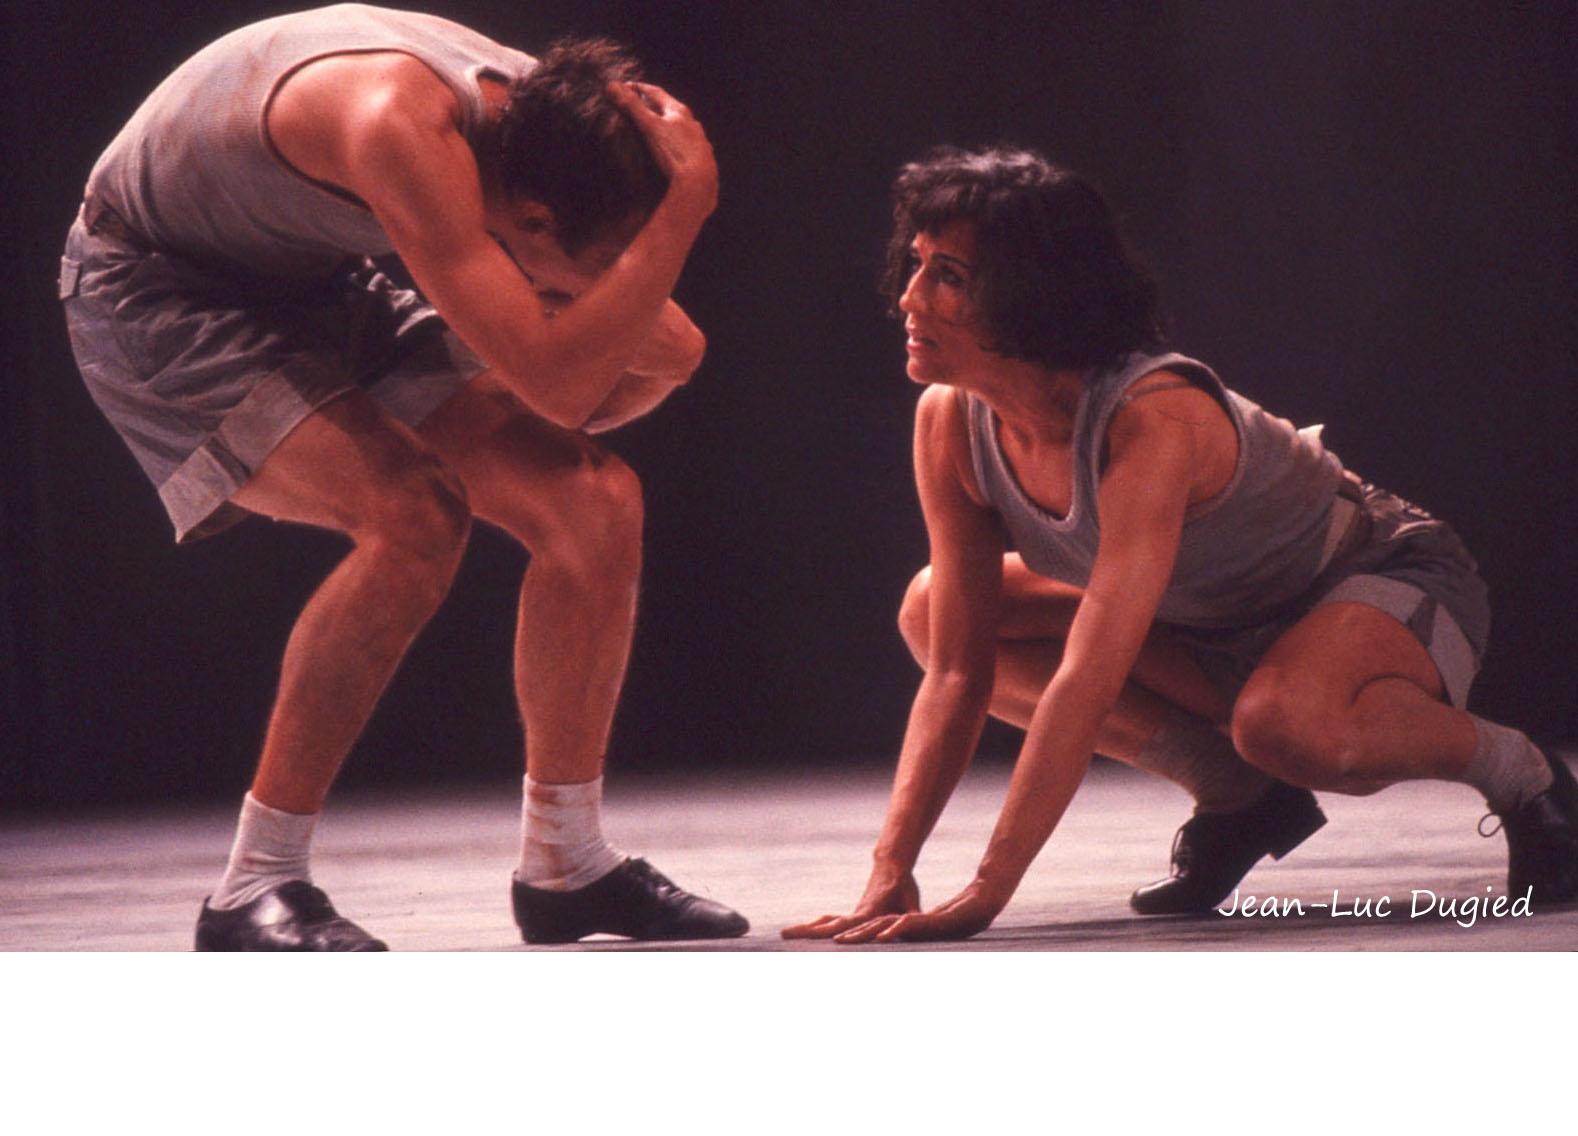 17 Gallotta Jean-Claude - mammame - Eric Alfieri et Mathilde Altaraz - 1985